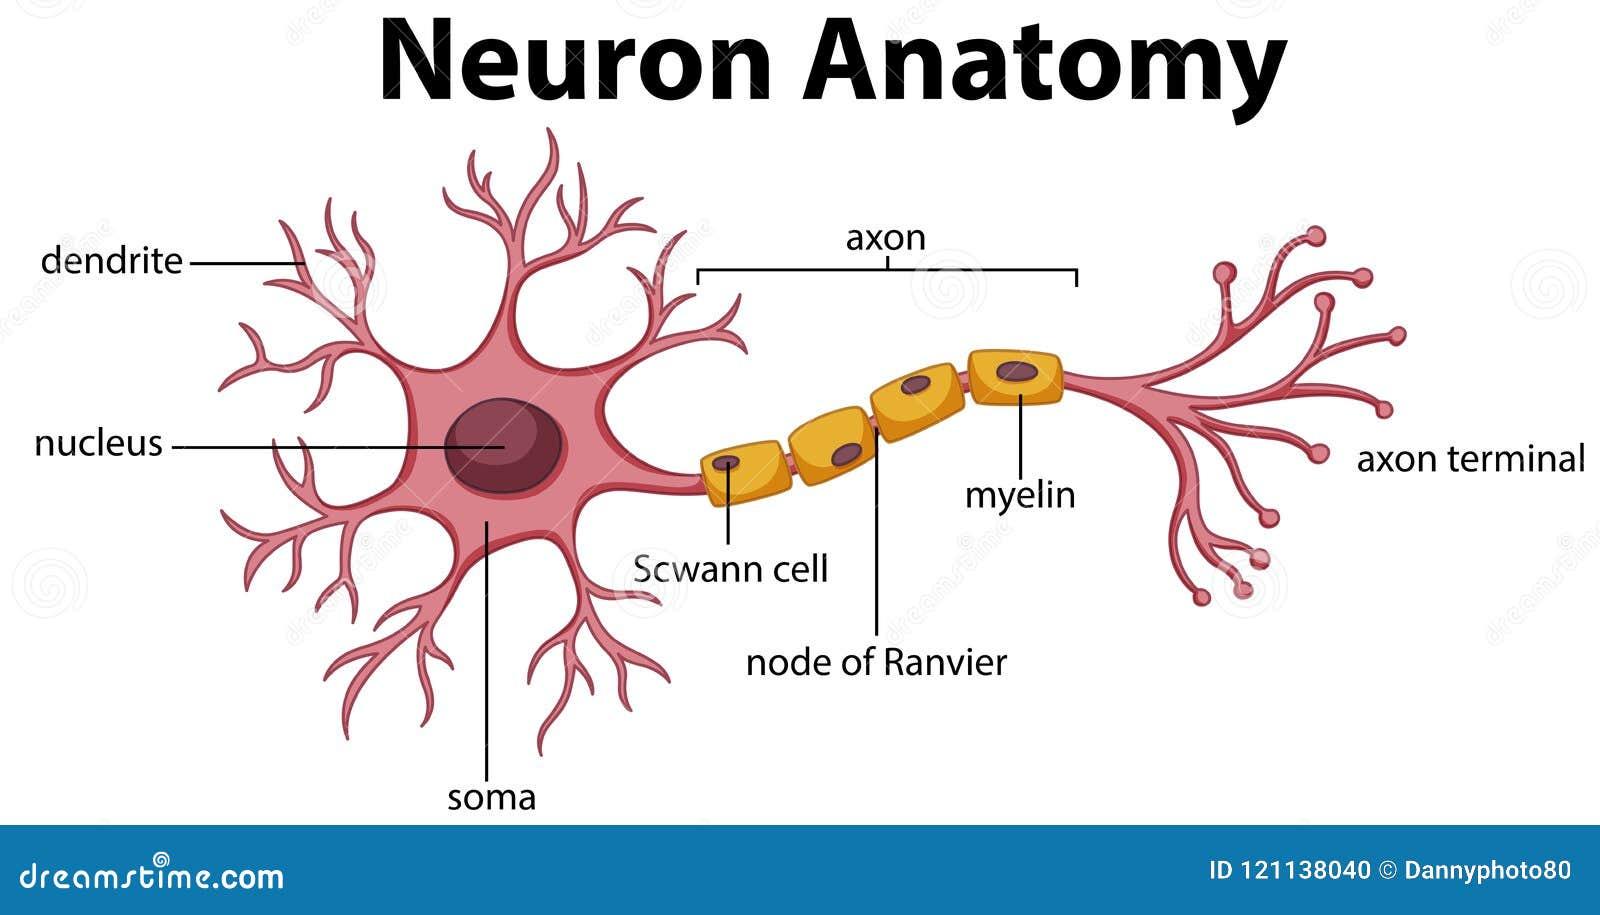 Диаграмма анатомии нейрона